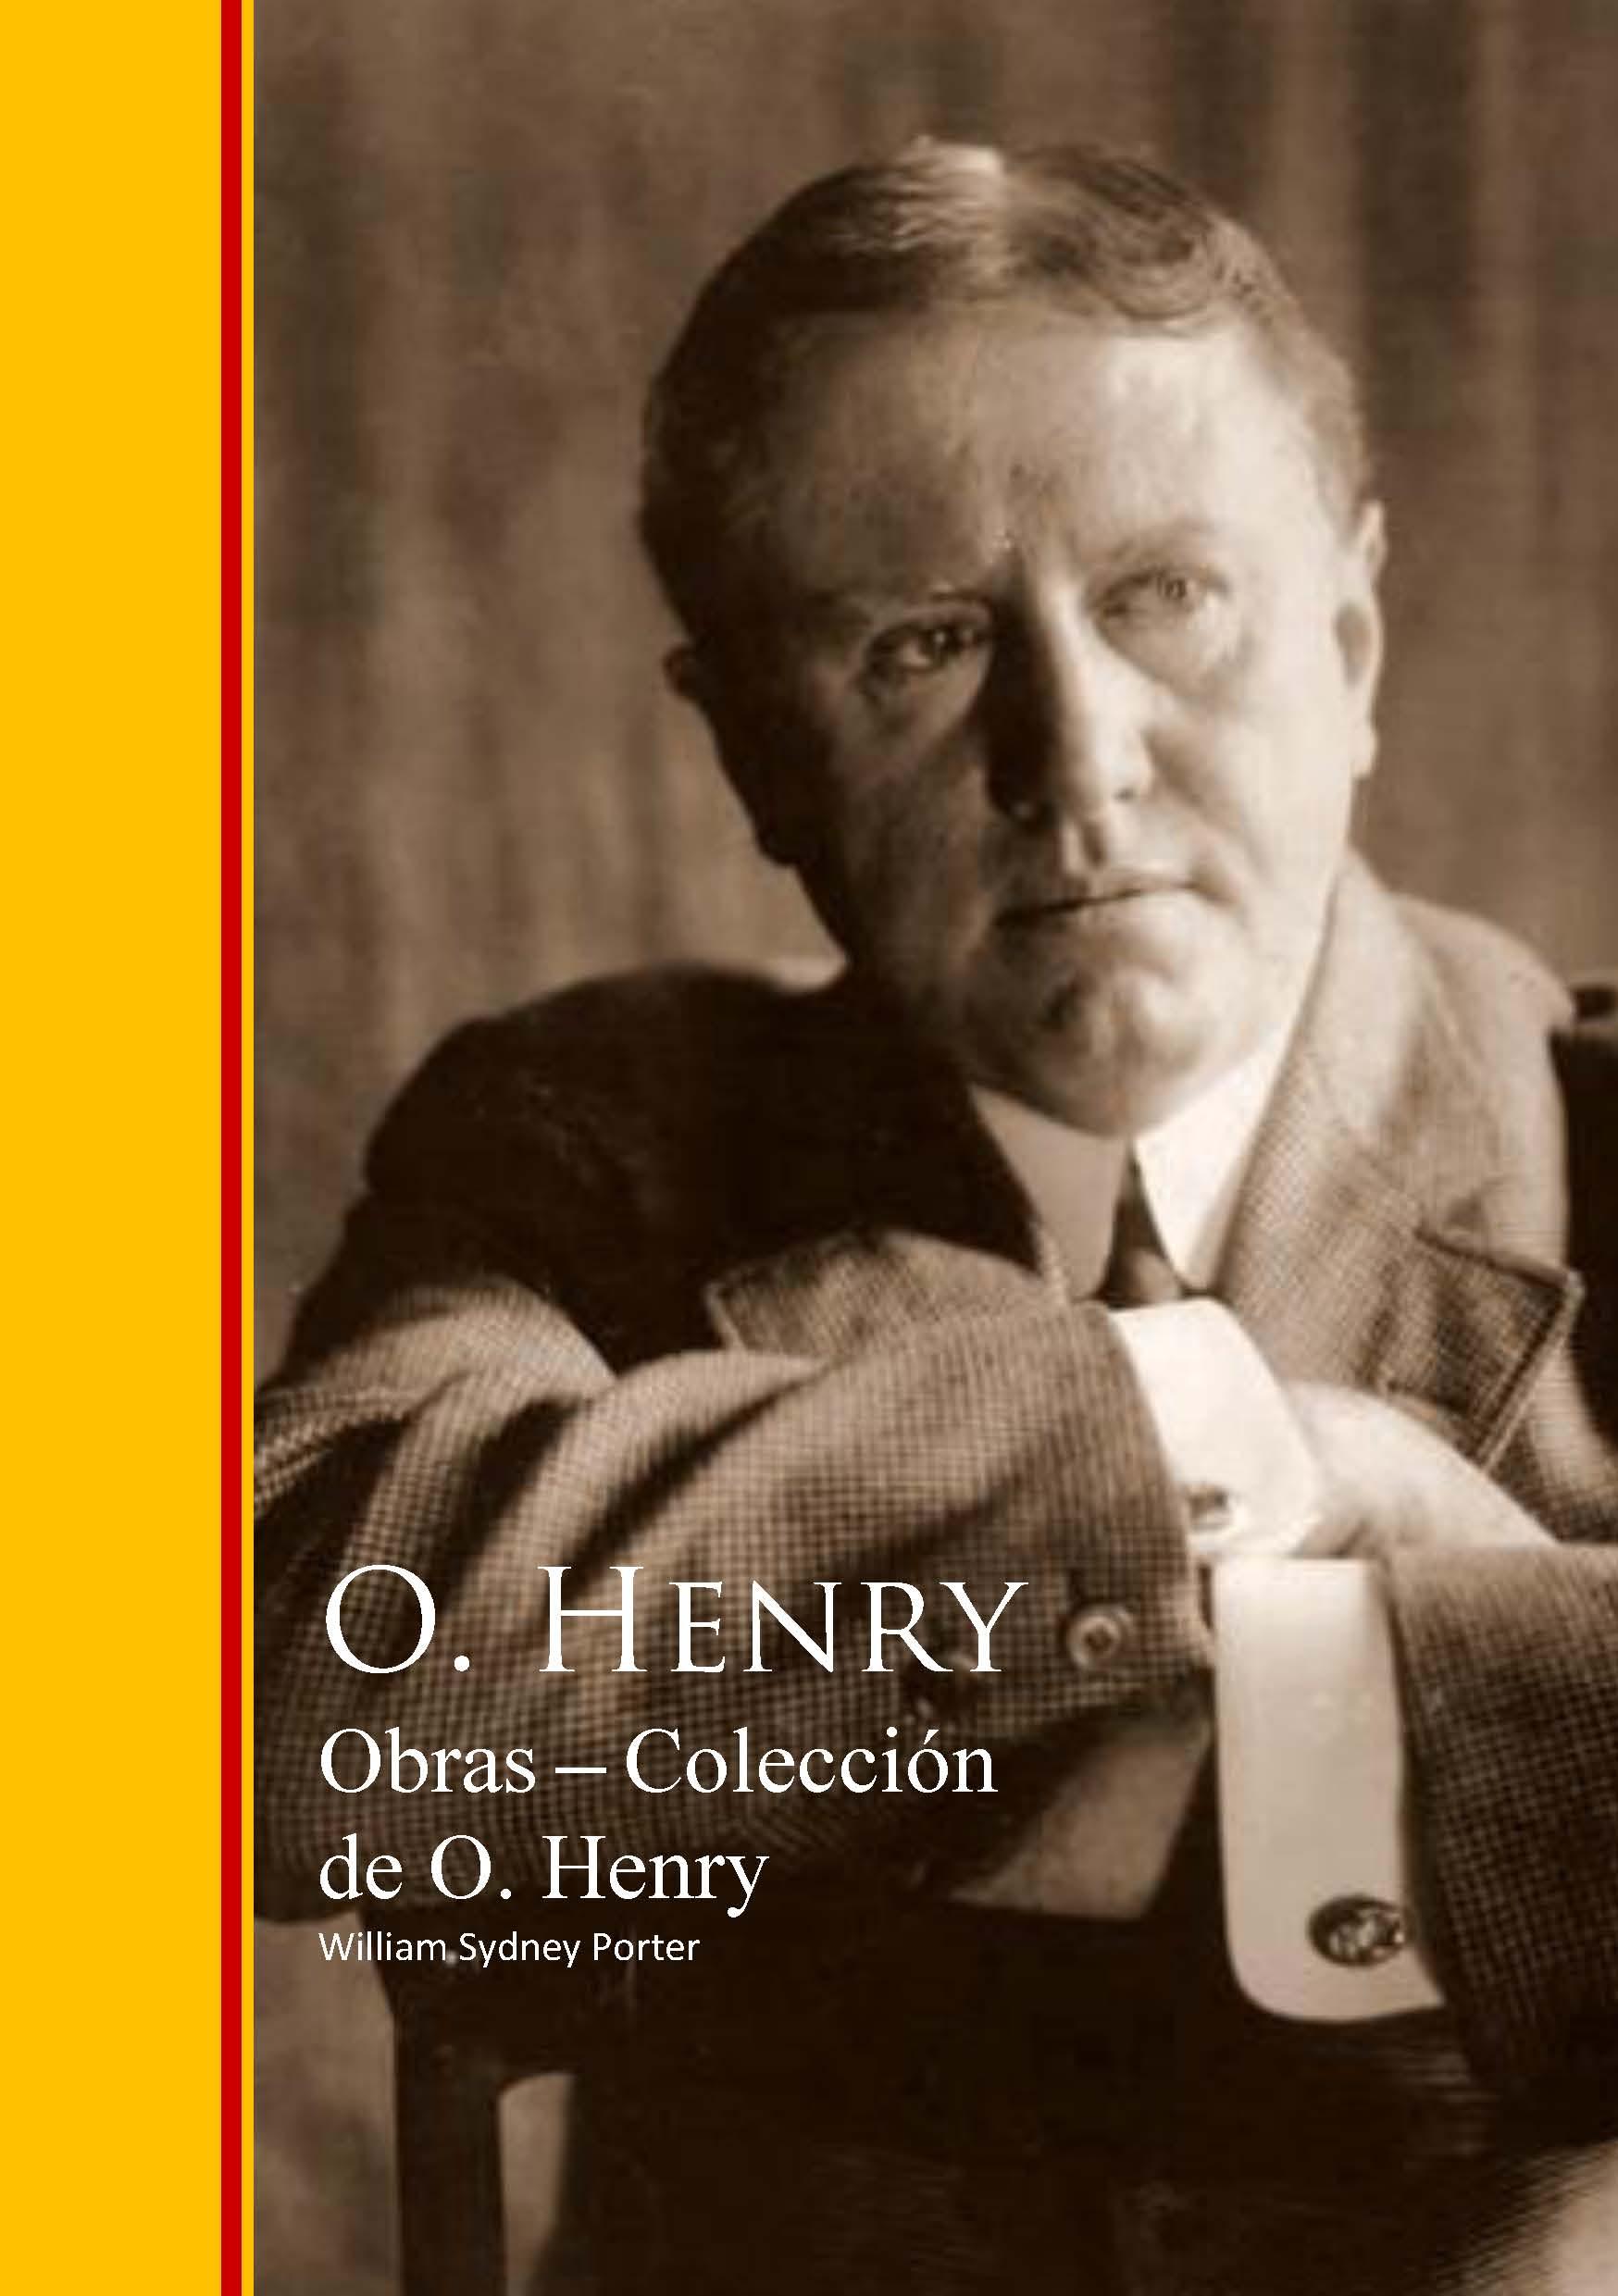 О. Генри Obras Coleccion de O. Henry недорого